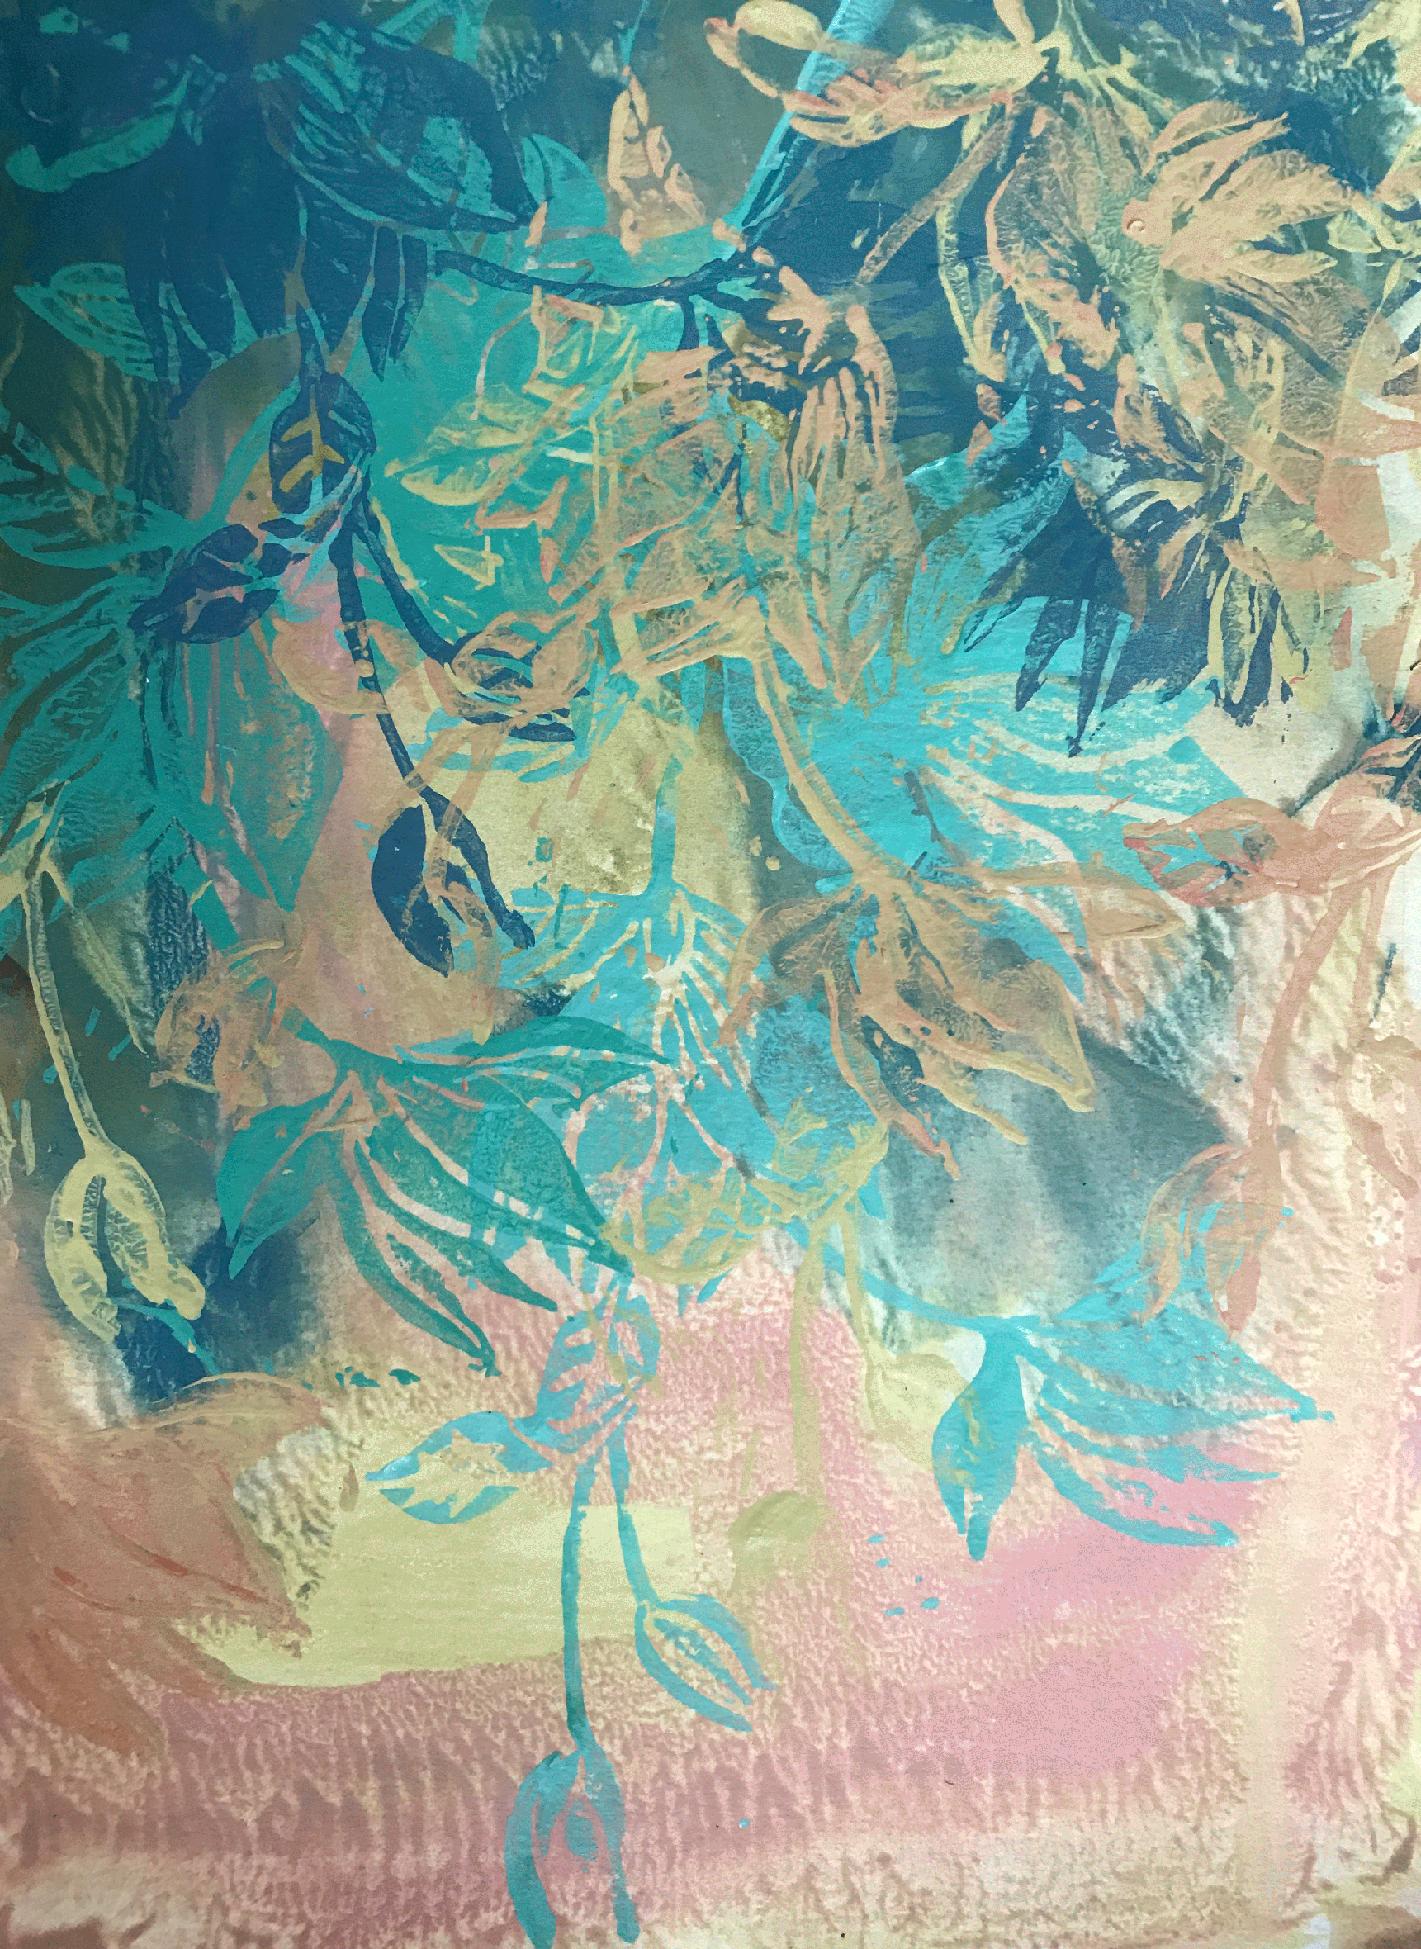 Magnolia 3 by Cynthia Yatchman